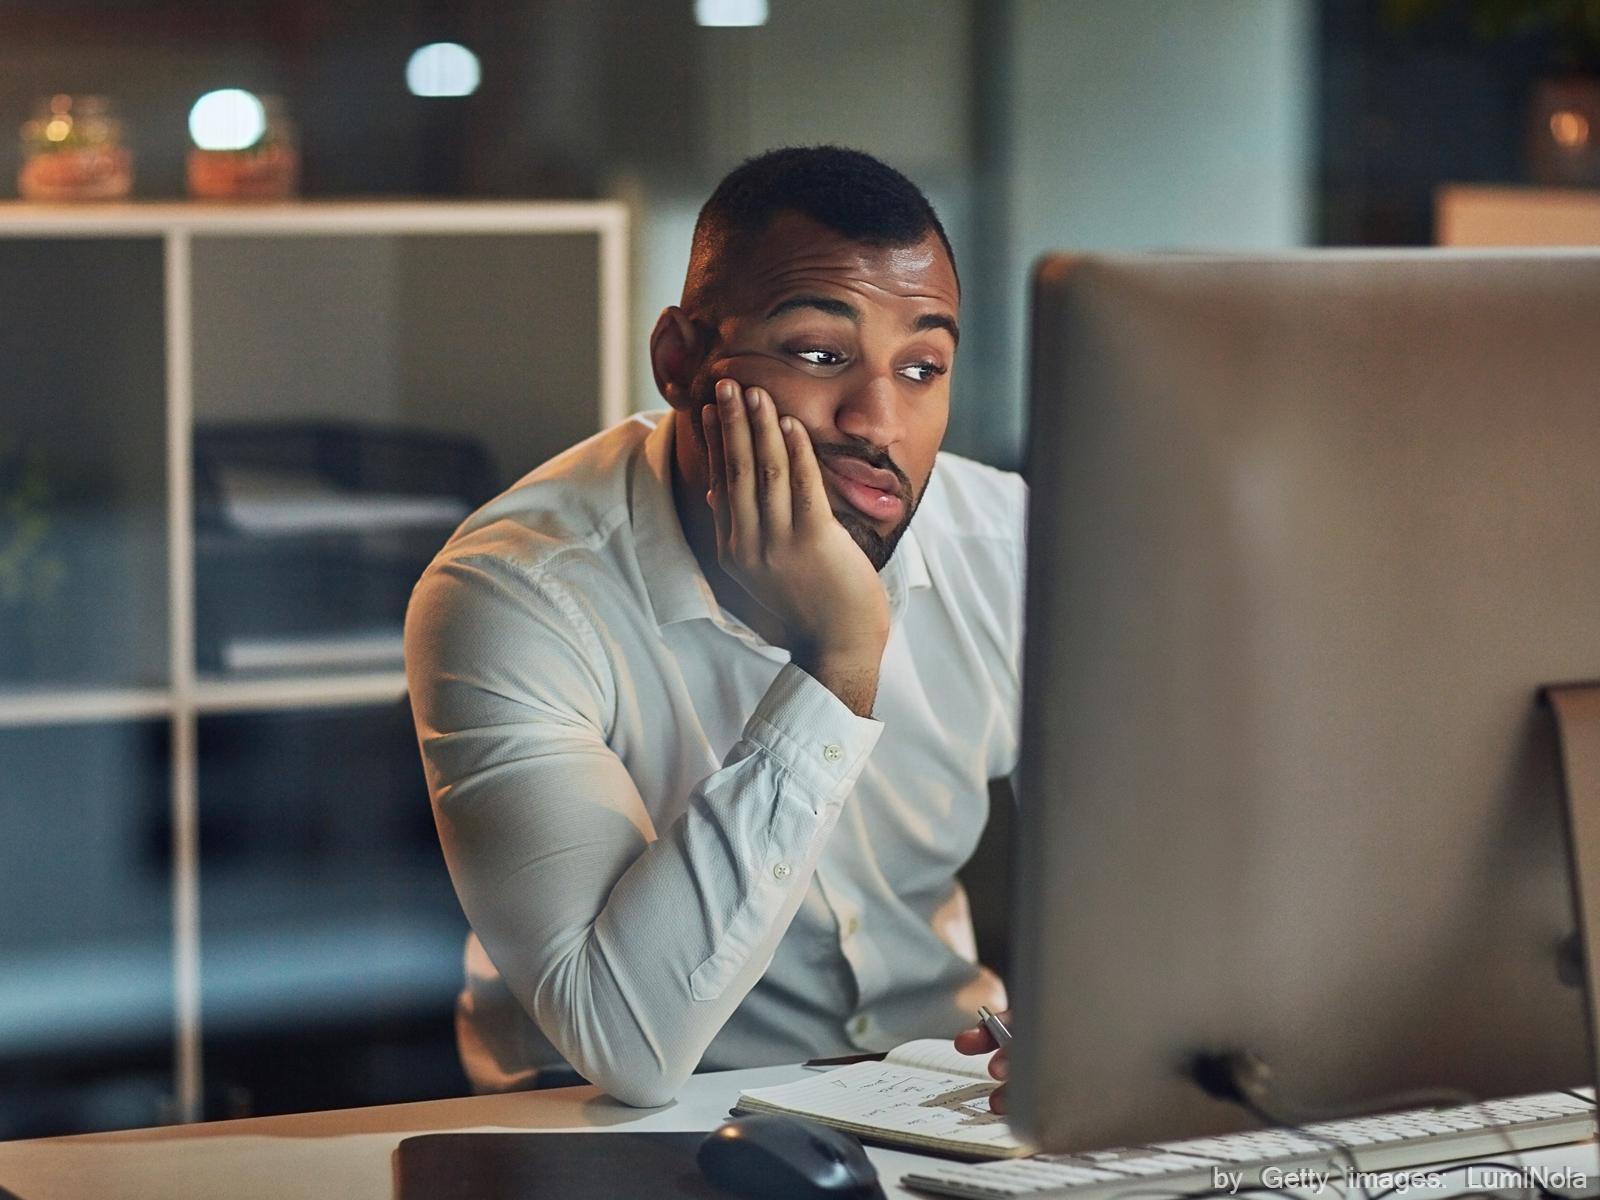 As consequências da preguiça no ambiente de trabalho